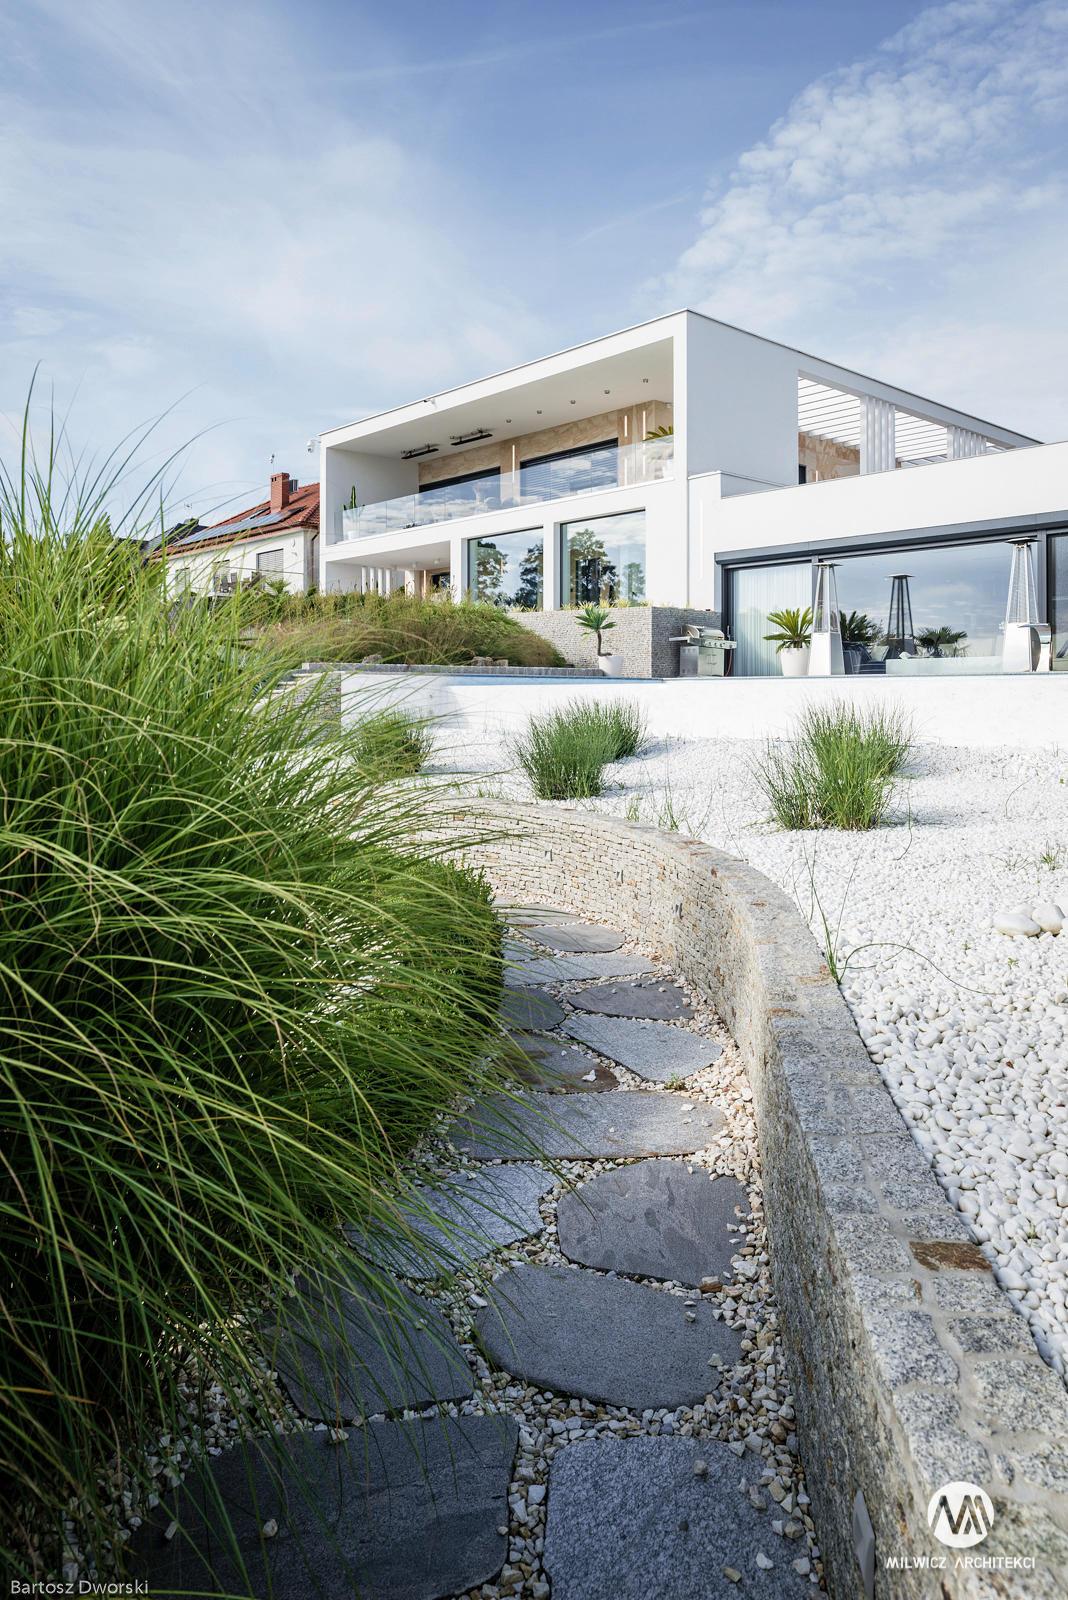 projekty indywidualne, nowoczesna architektura, modernizm, płaskie dachy